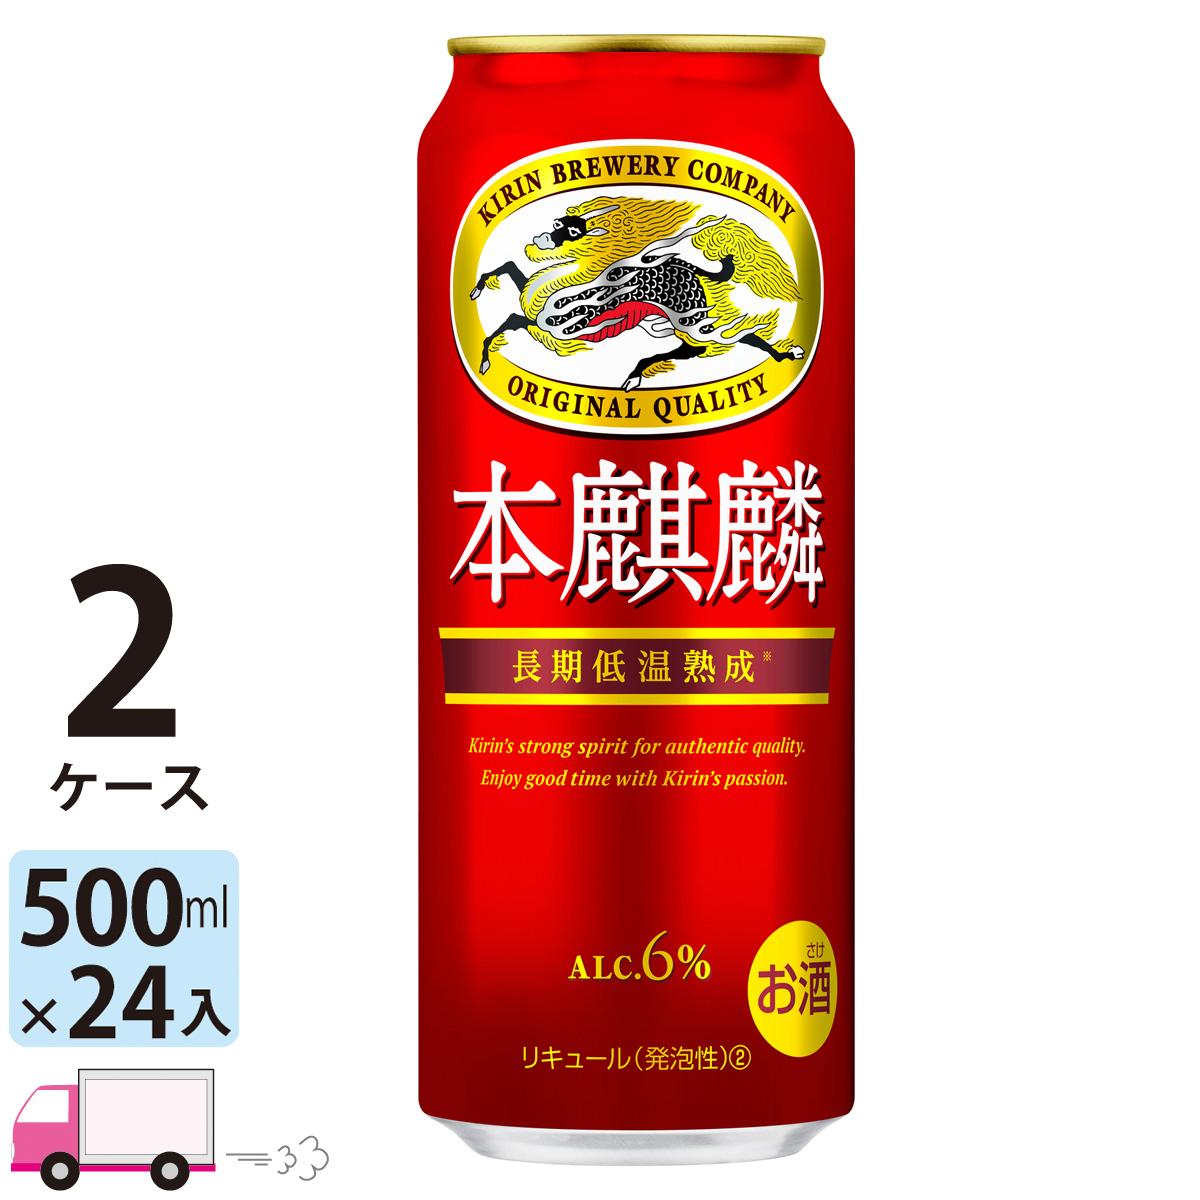 ホップの爽やかな苦みが効いた、力強いコクと飲みごたえ。 送料無料 キリン ビール 本麒麟 500ml 24缶入 2ケース (48本)